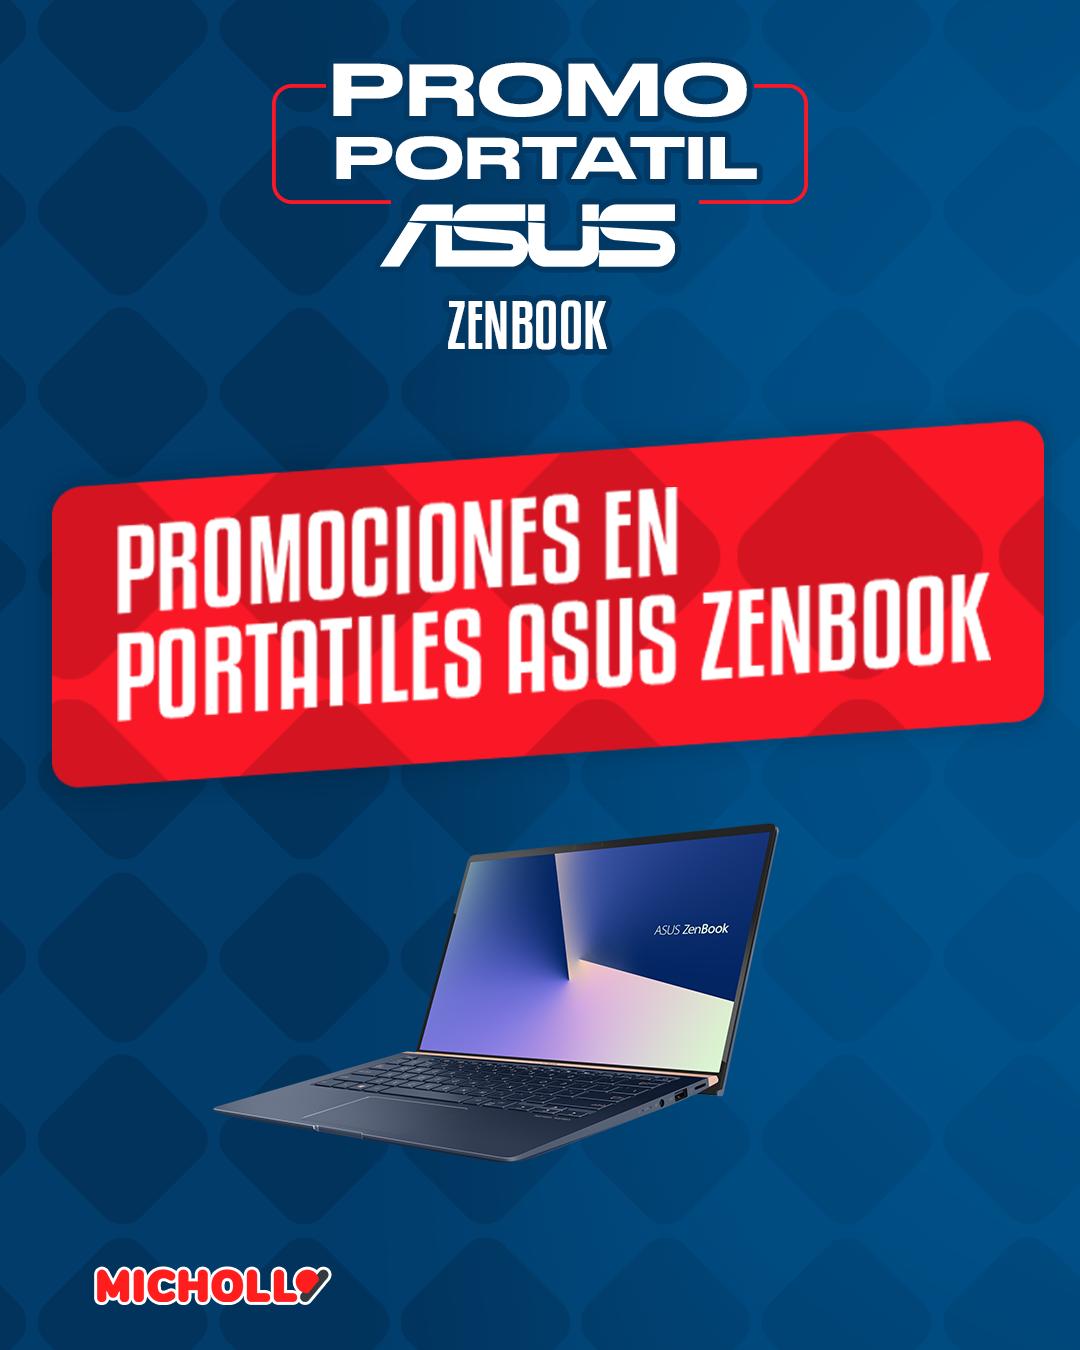 Oferta por tiempo limitado en portátiles Asus Zenbook en El Corte Inglés